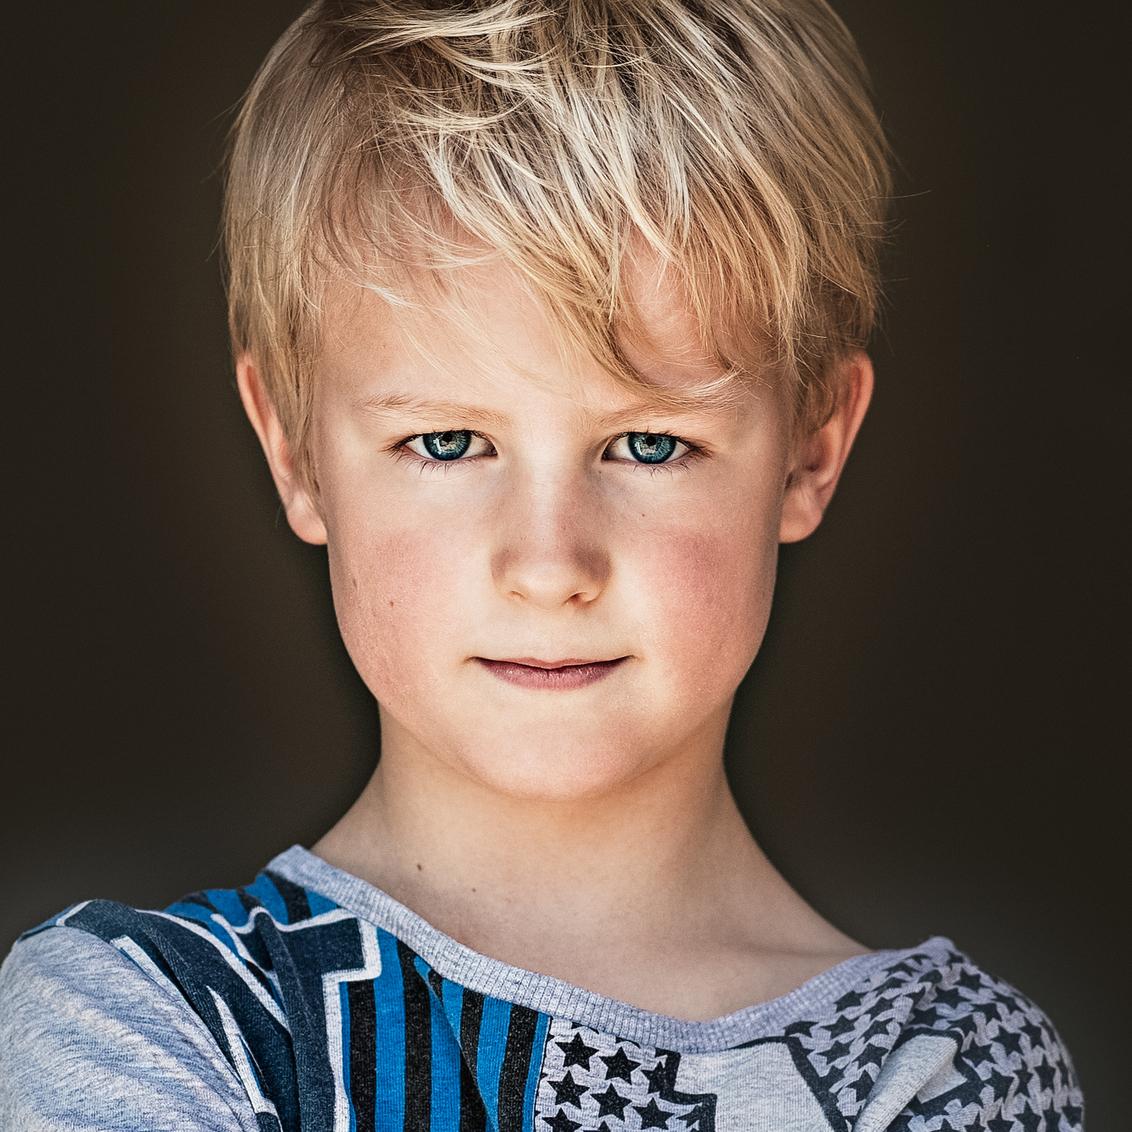 close up daglichtshot - De mooie blik van vince - foto door KimGroenendal op 13-06-2020 - deze foto bevat: zoom, licht, portret, schaduw, daglicht, kind, kinderen, ogen, jongen, style, blik, close